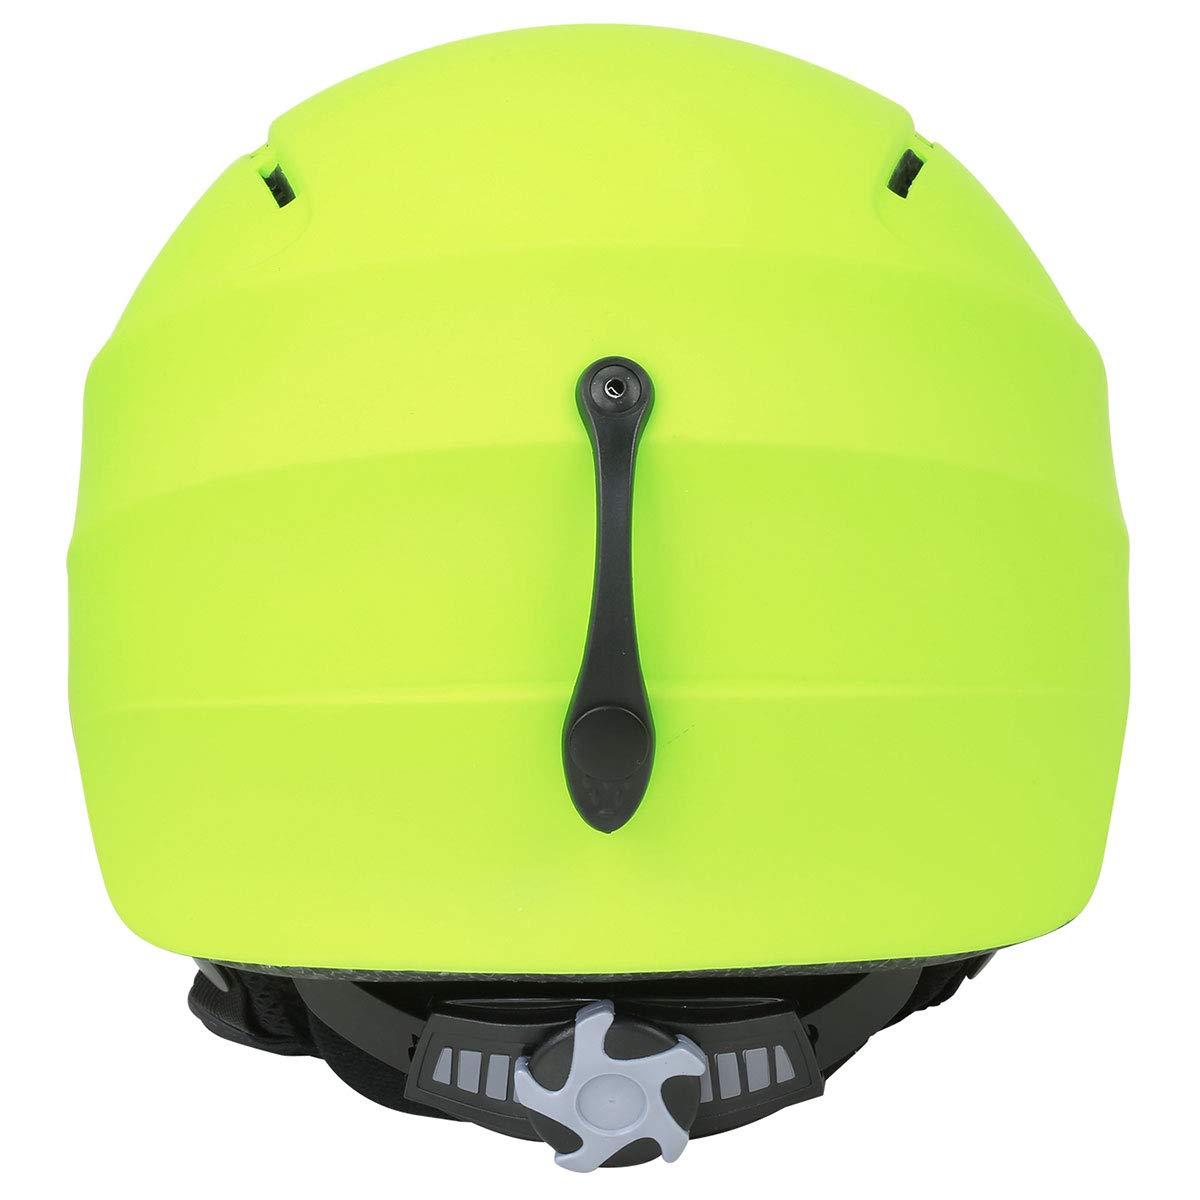 Helmet Ski- Snowboard Helm 5 x Farben Matt zur Auswahl Airtracks Skihelm- Snowboardhelm SAVAGE T2X oder MASTER T52 mit Ventilationssystem und stufenloser Anpassung